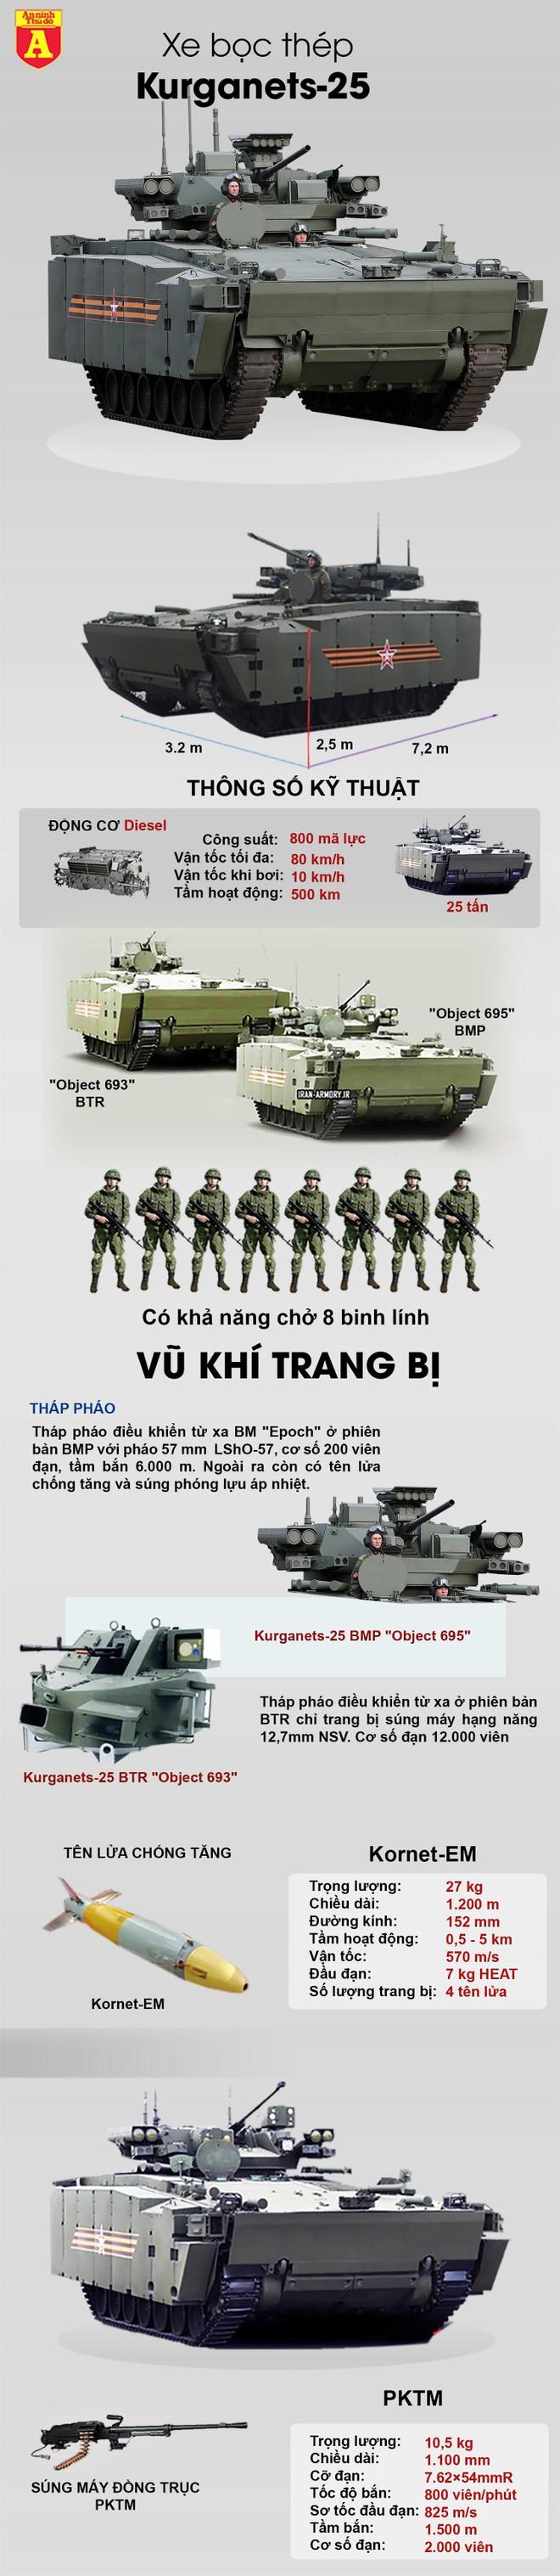 [Info] Xe chiến đấu bộ binh cực mạnh của Nga xuất hiện trong duyệt binh ảnh 3